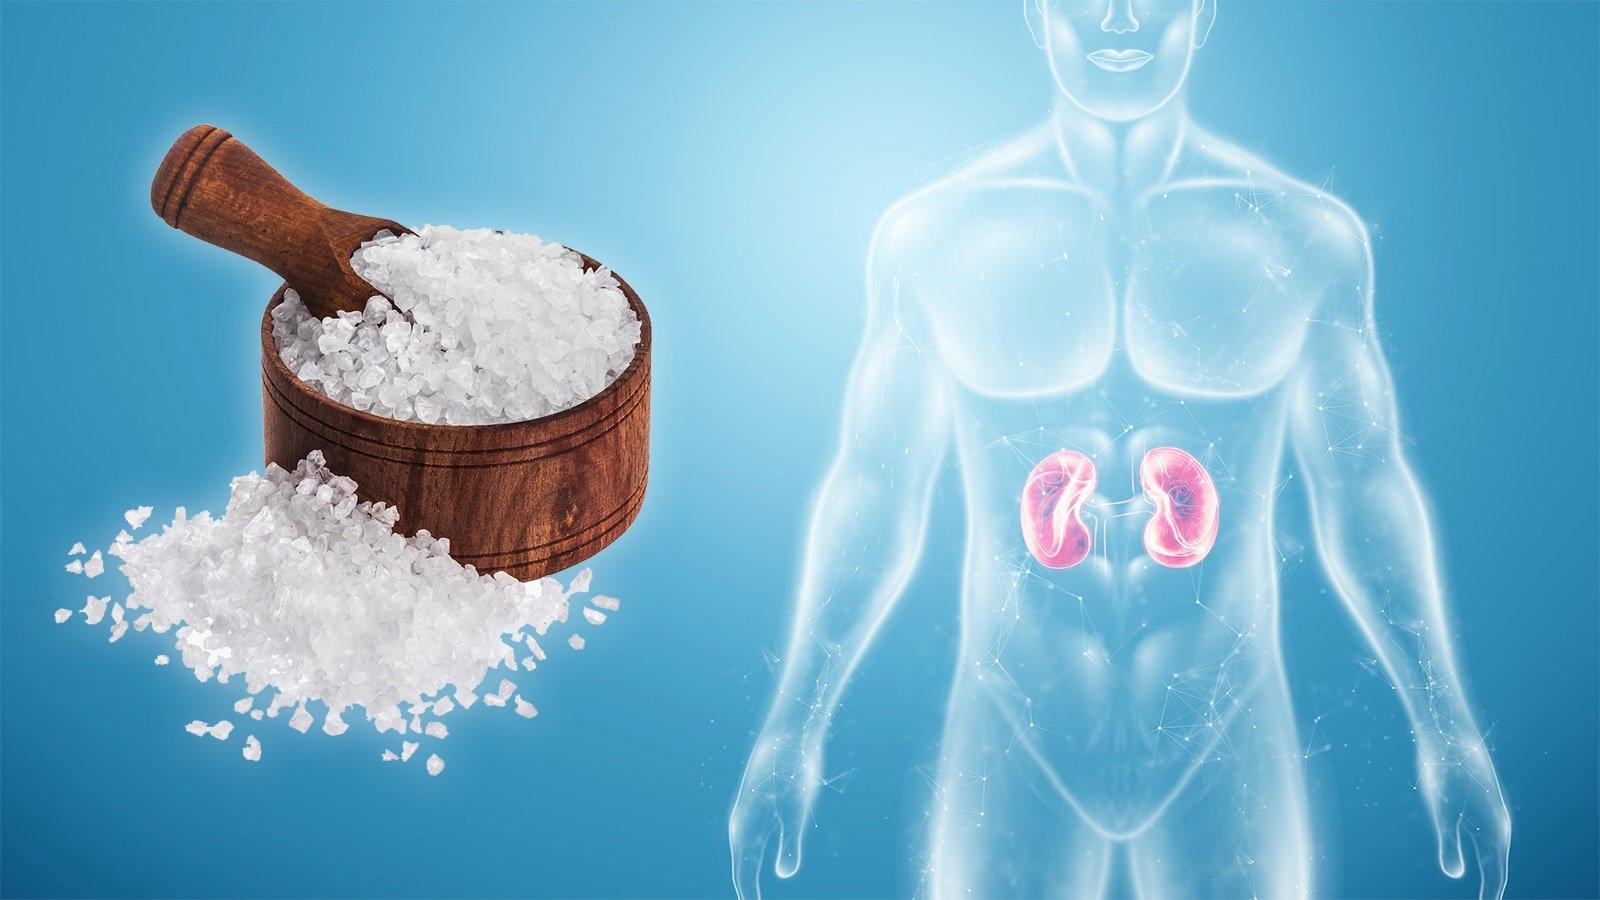 Їжа без солі небезпечна для життя: медики закликають відмовитися від прісної дієти